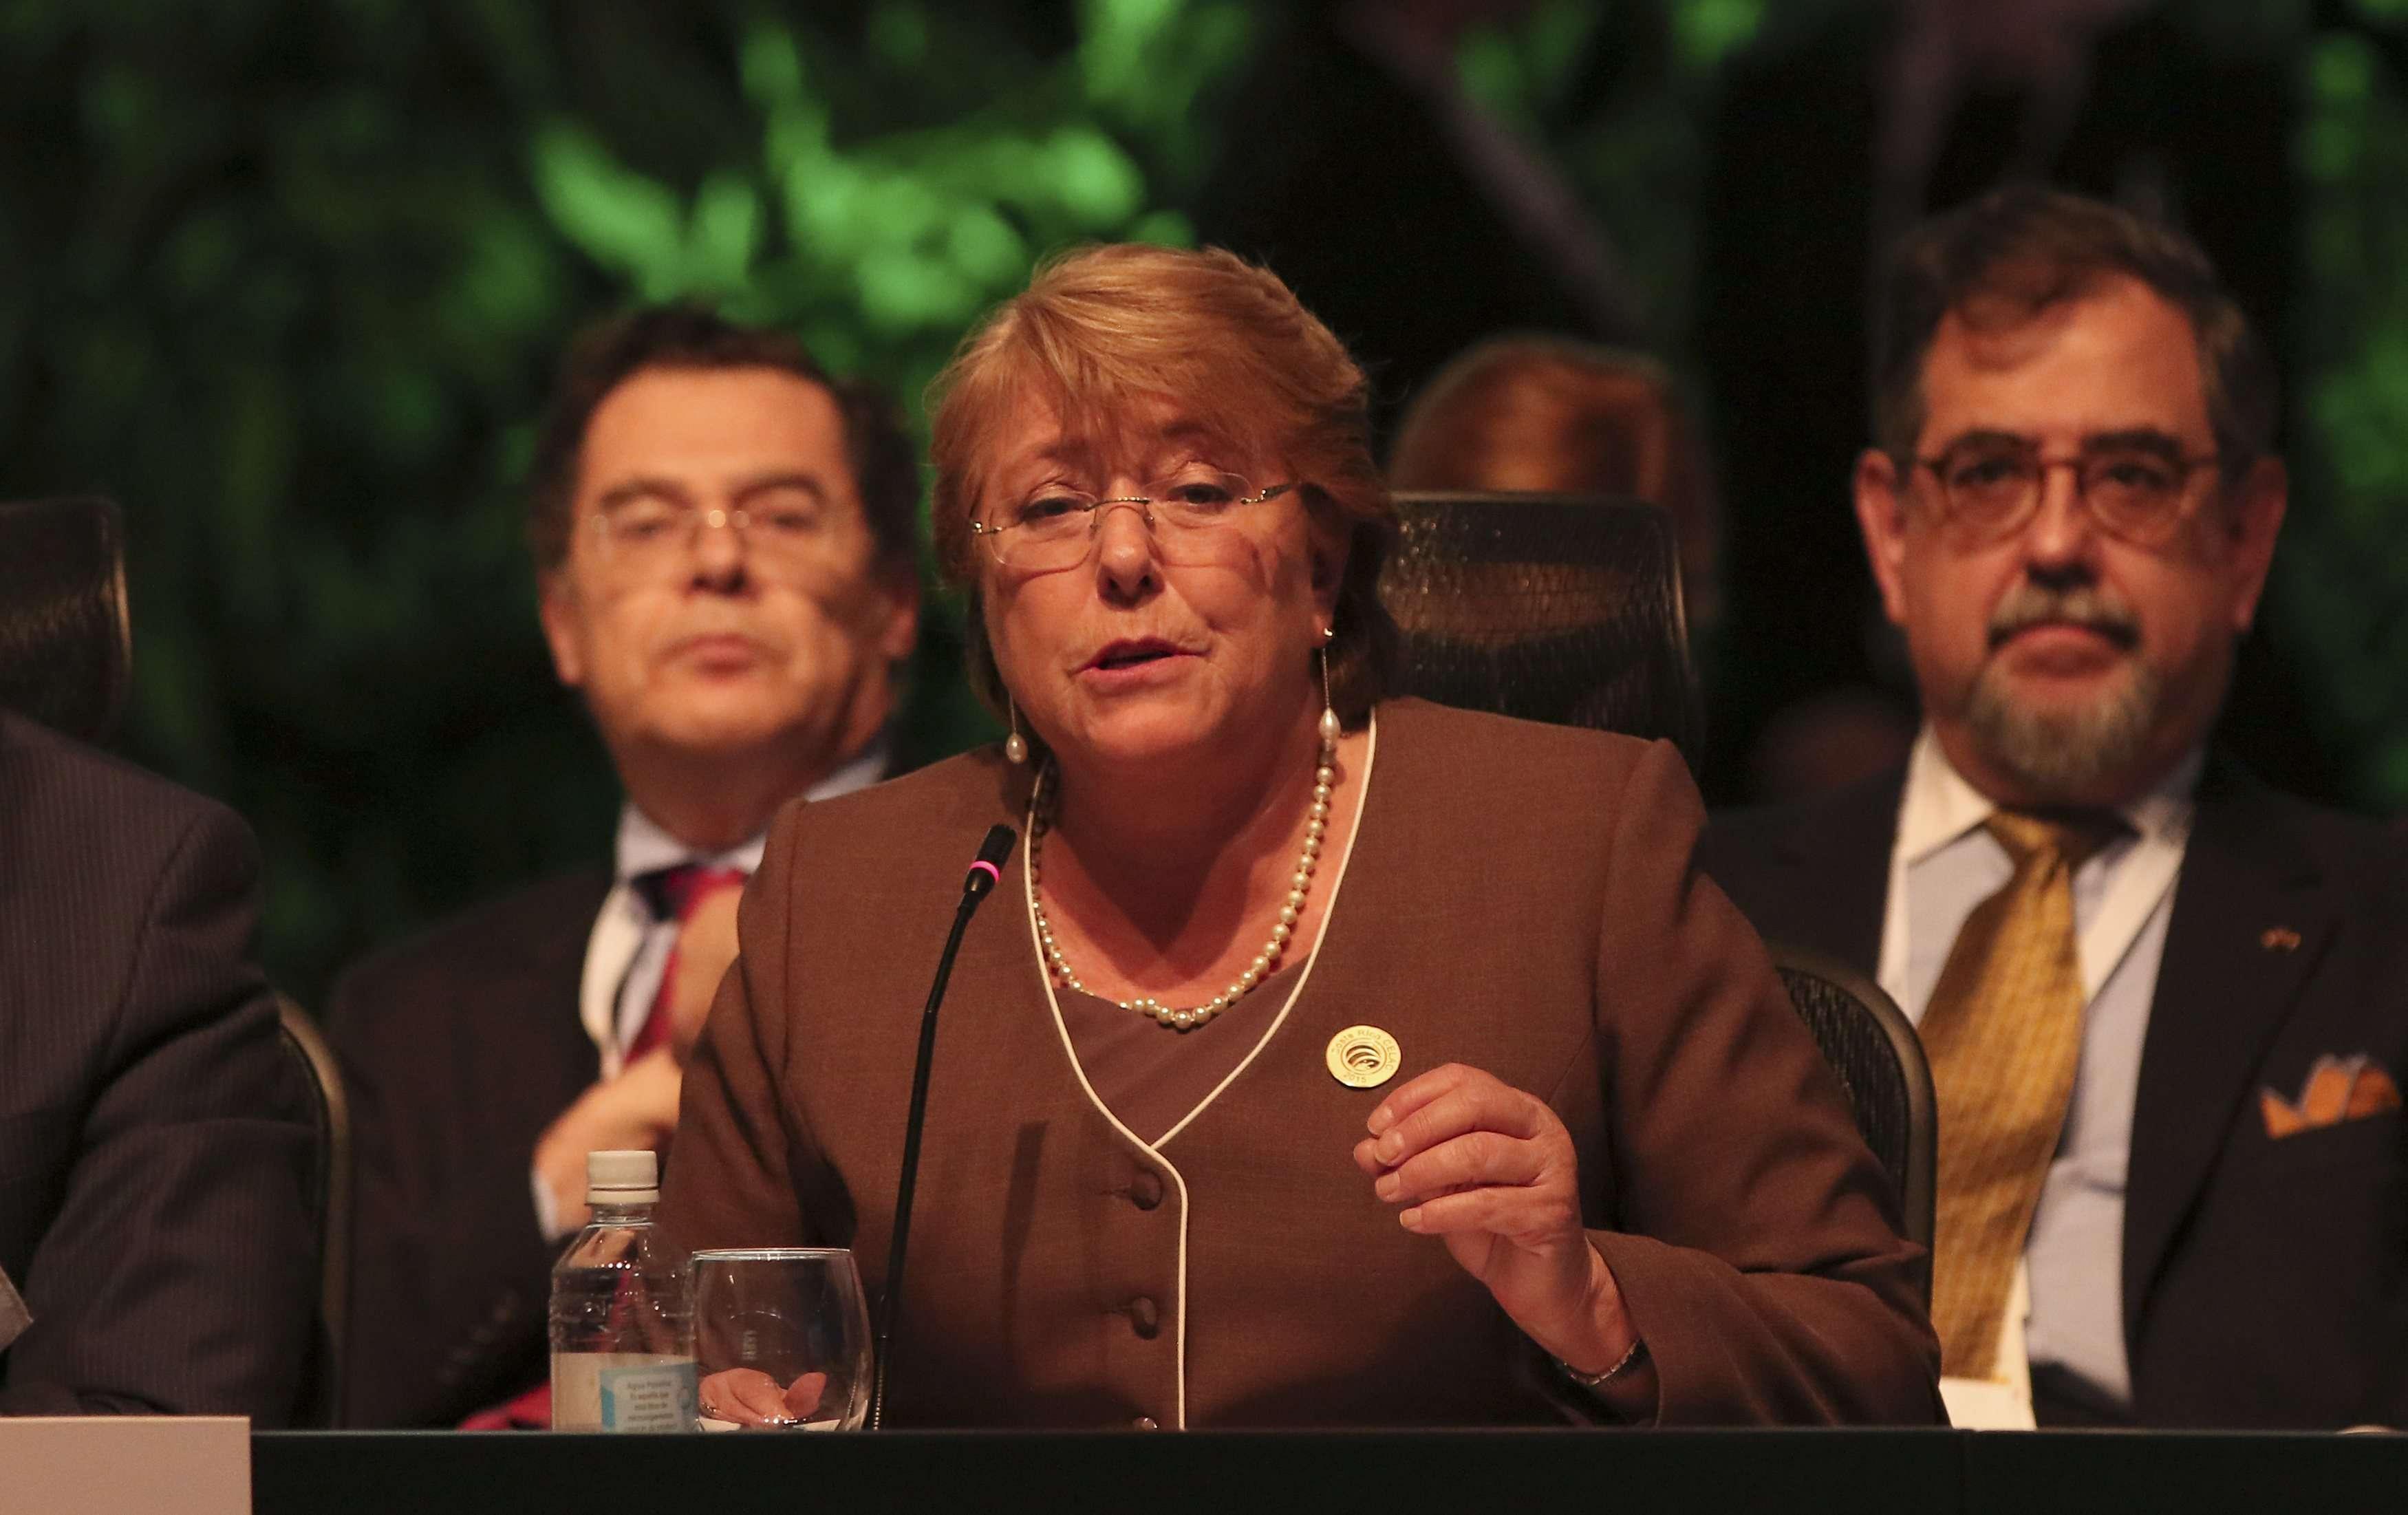 La presidenta Michelle Bachelet en la ceremonia de apertura de la reunión de la CELAC en Costa Rica, el 28 de enero de 2015. Foto: Reuters en español